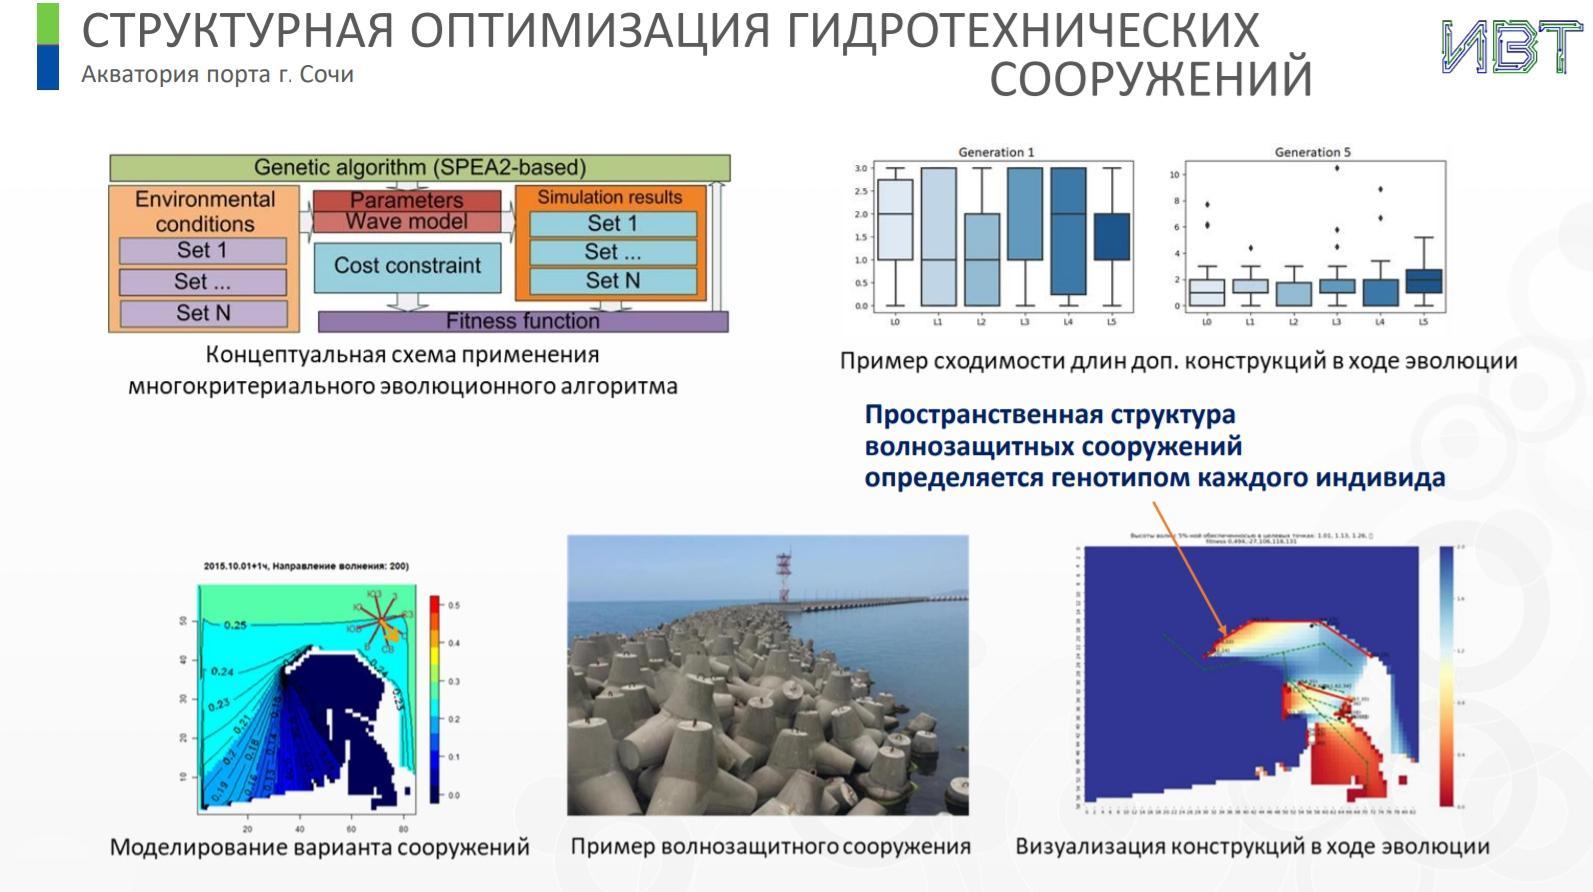 Системы по оптимизации строительства и режимов работы гидротехнических сооружений